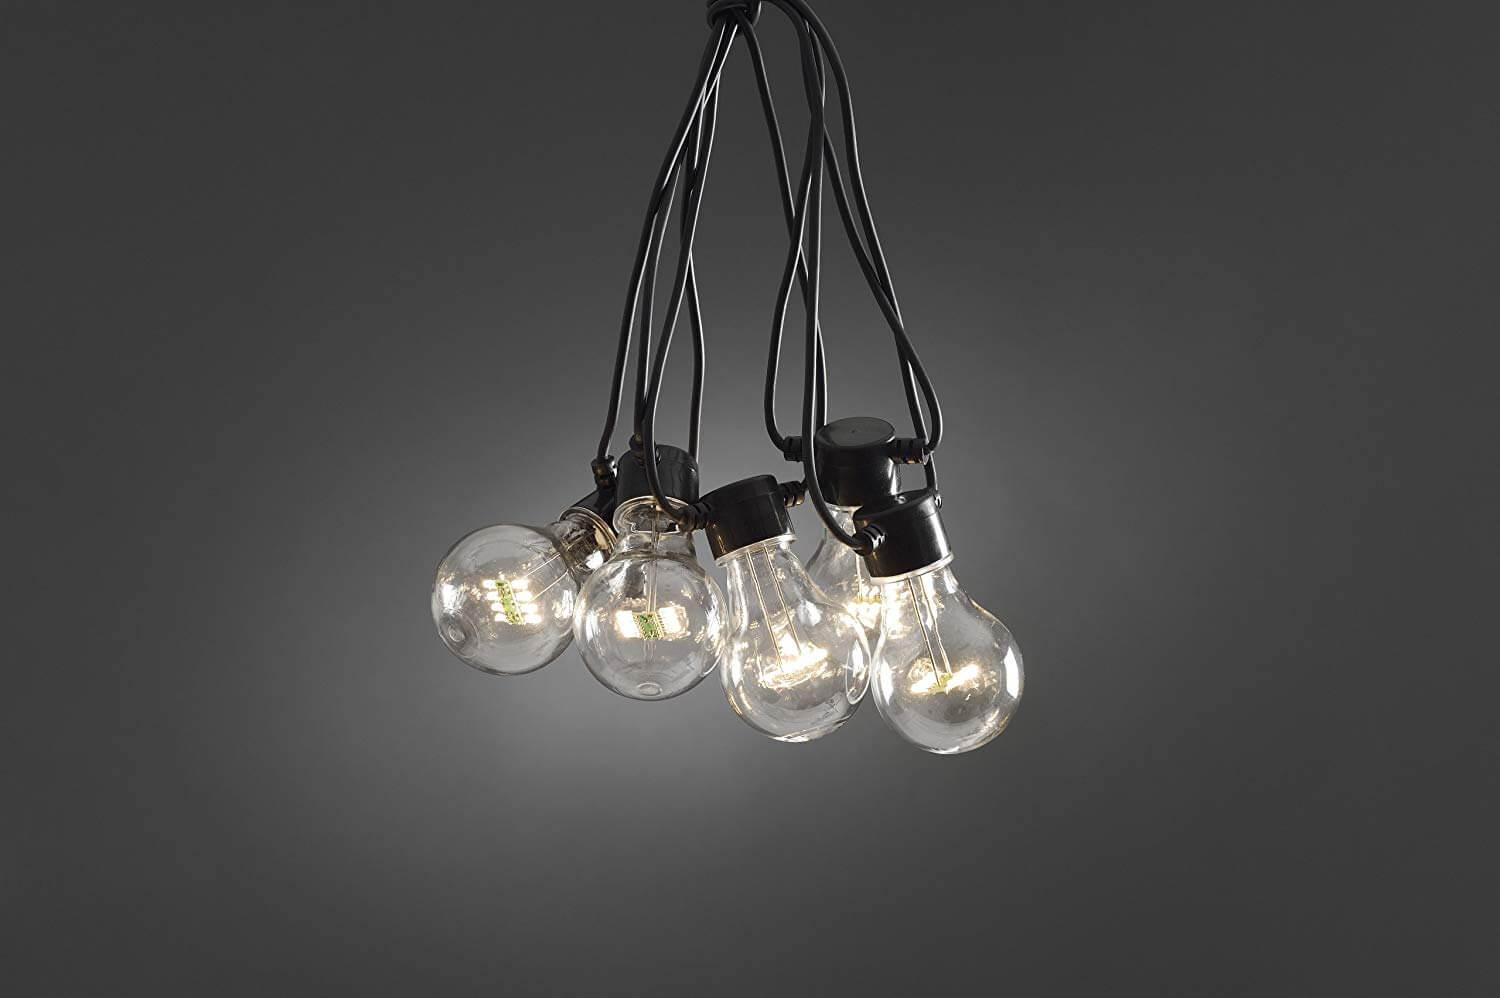 LED Garten Lichterkette Erweiterungskette